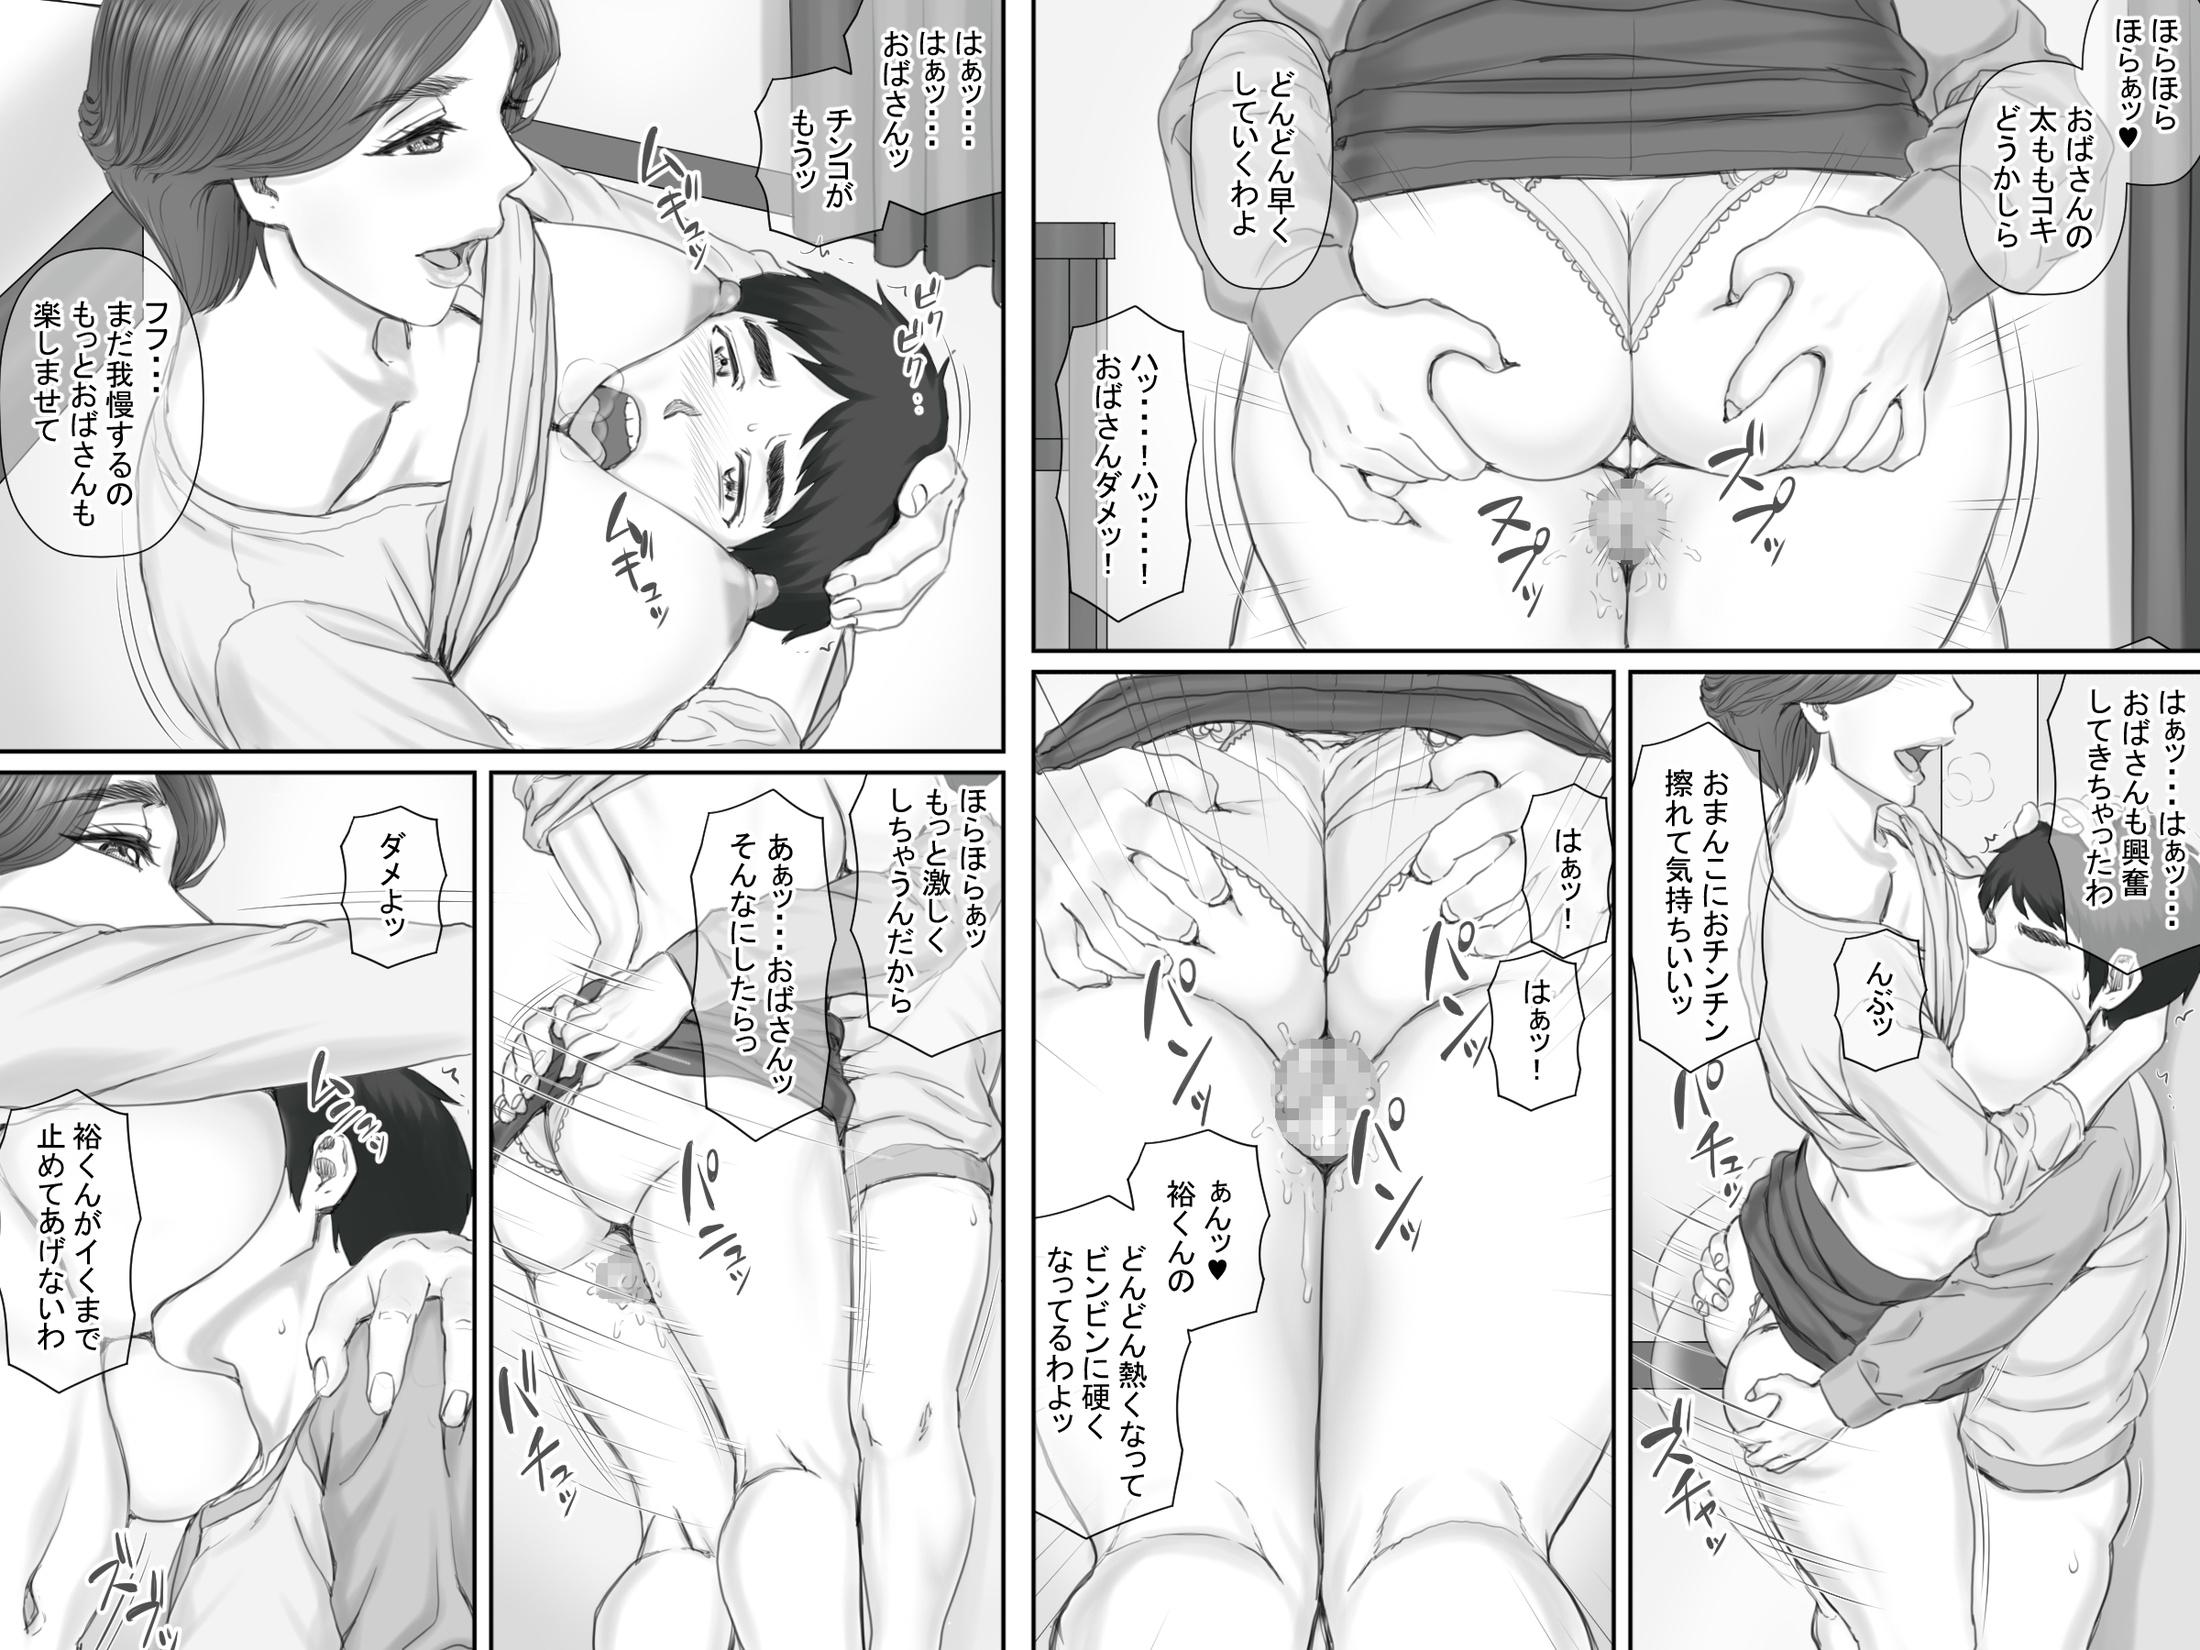 【エロ漫画・エロ同人誌】巨乳人妻と付き合ってエッチしてるショタっ子www ボクの彼女は40歳の人妻でママの友達 (31)